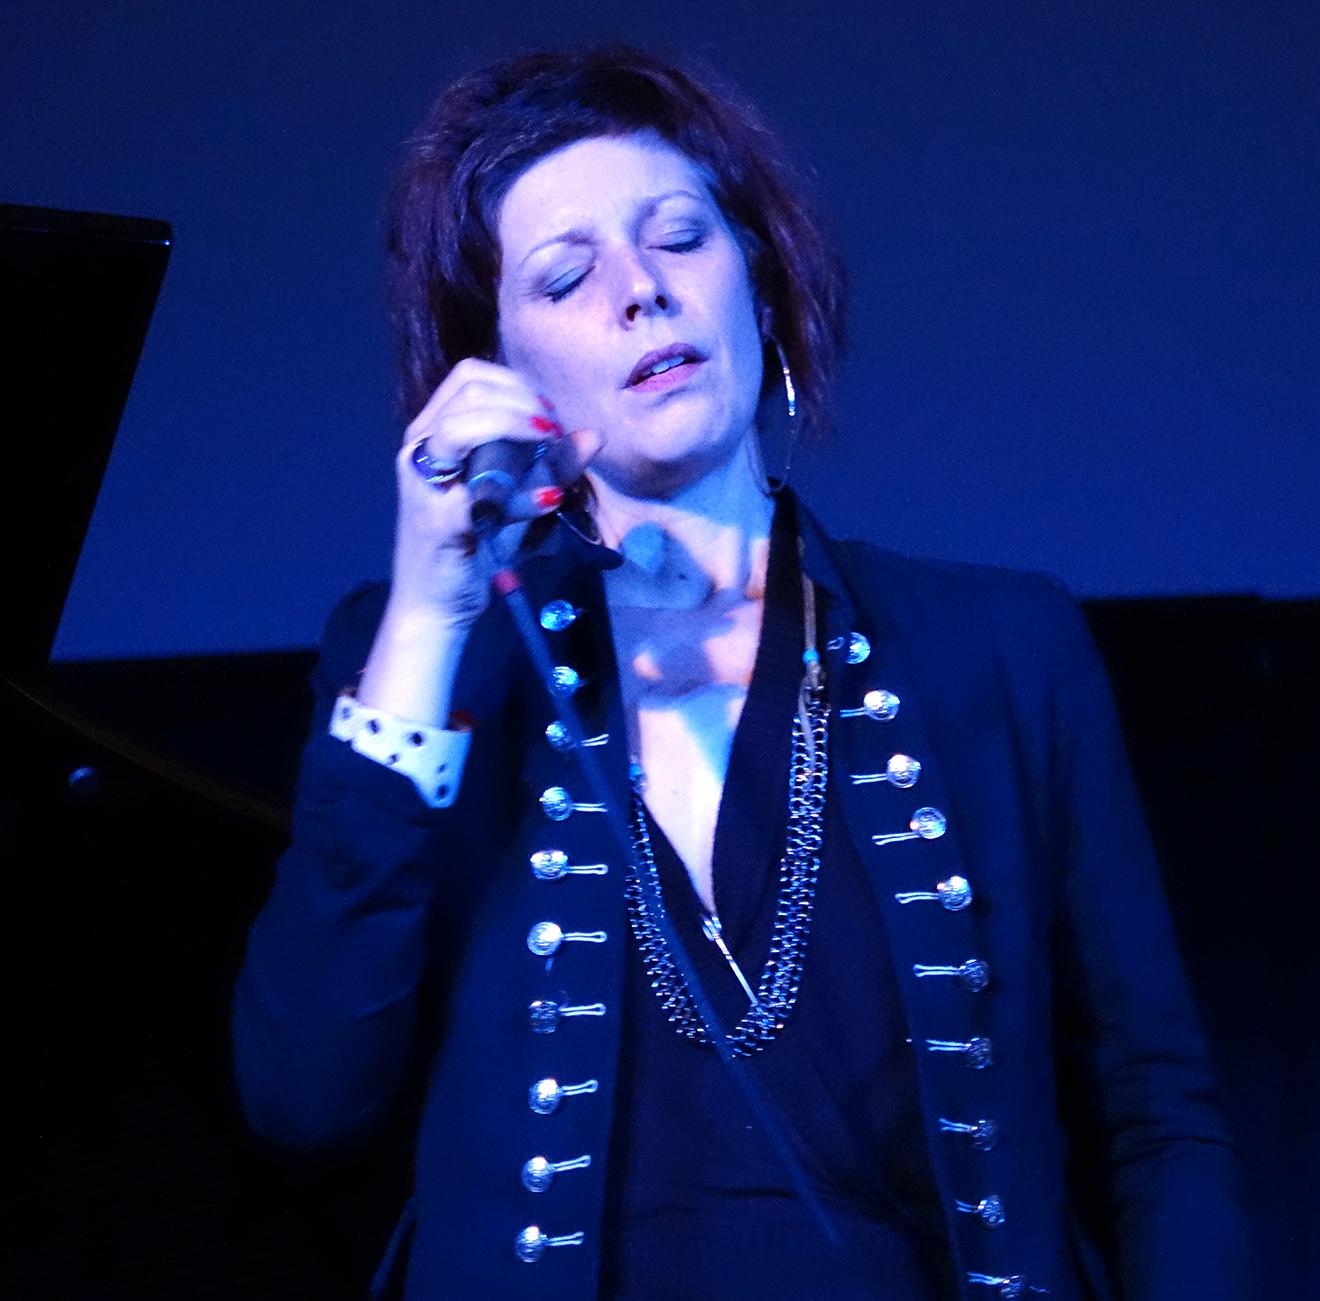 Emilie LesBros at Vision Festival 20